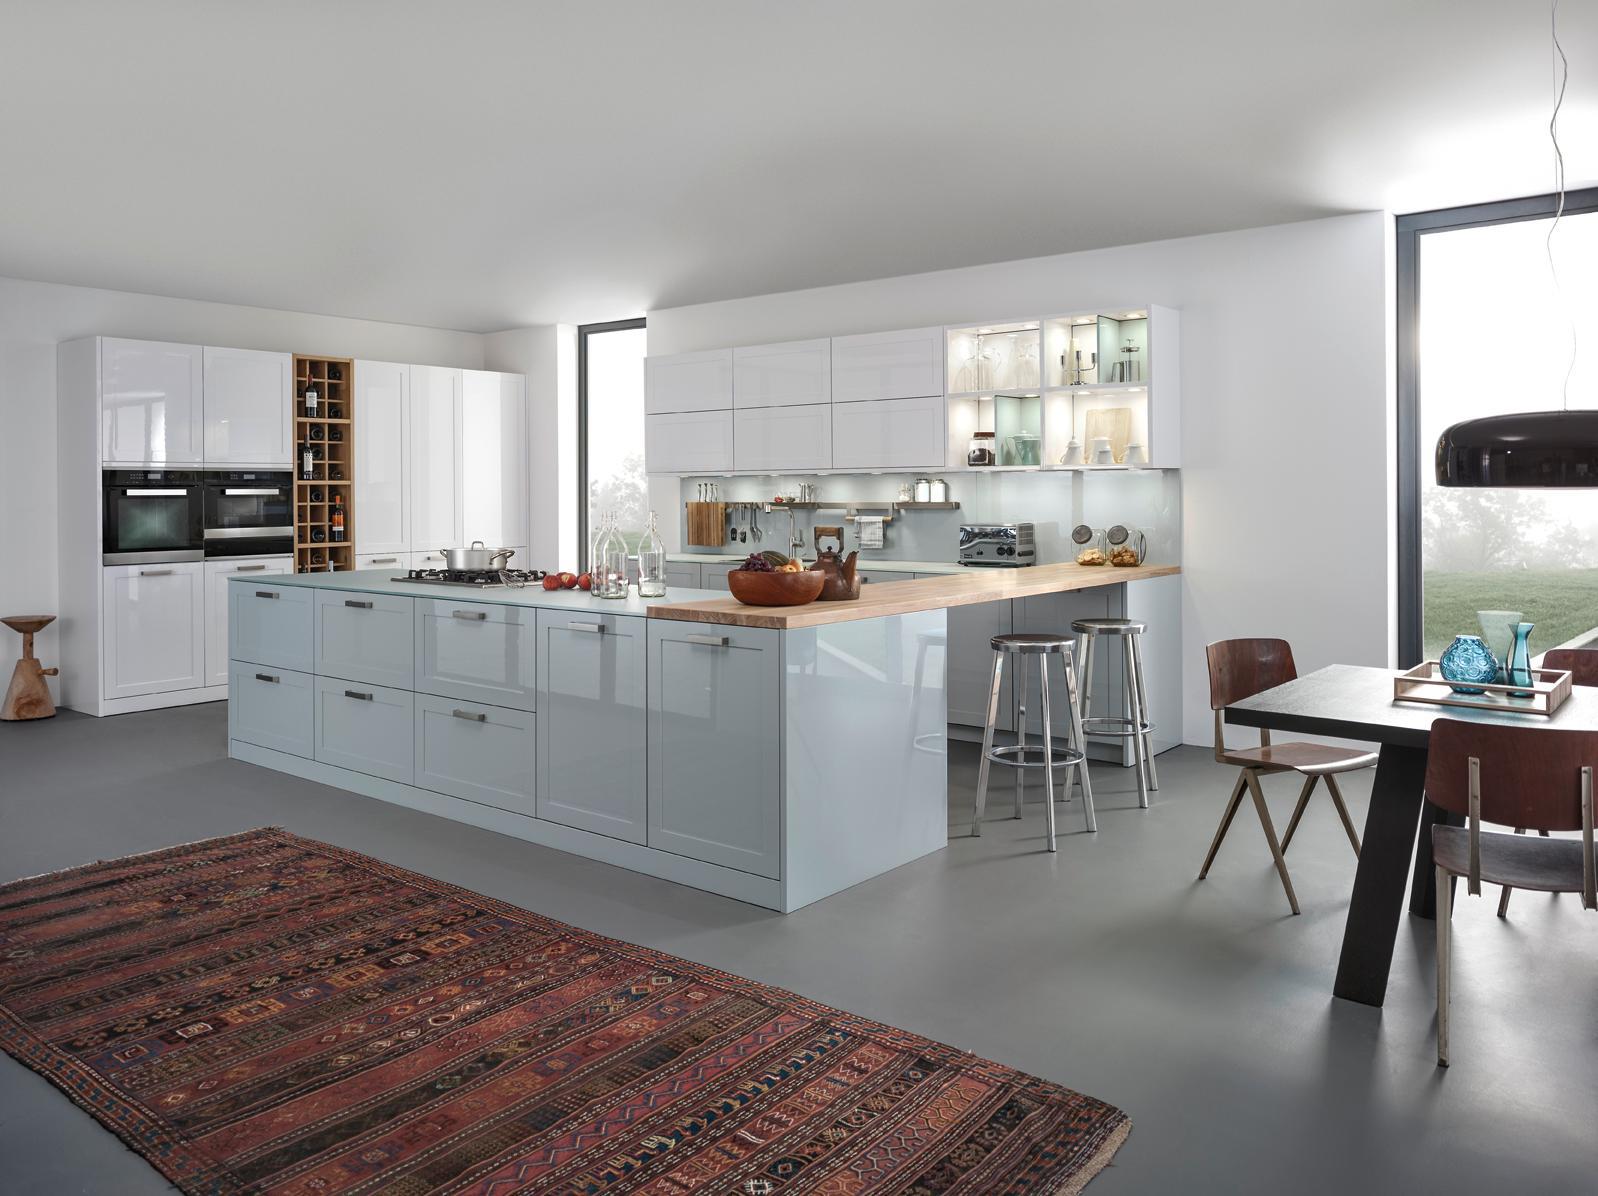 Pastellfarben beleben die Küche #küche #teppich #bar...